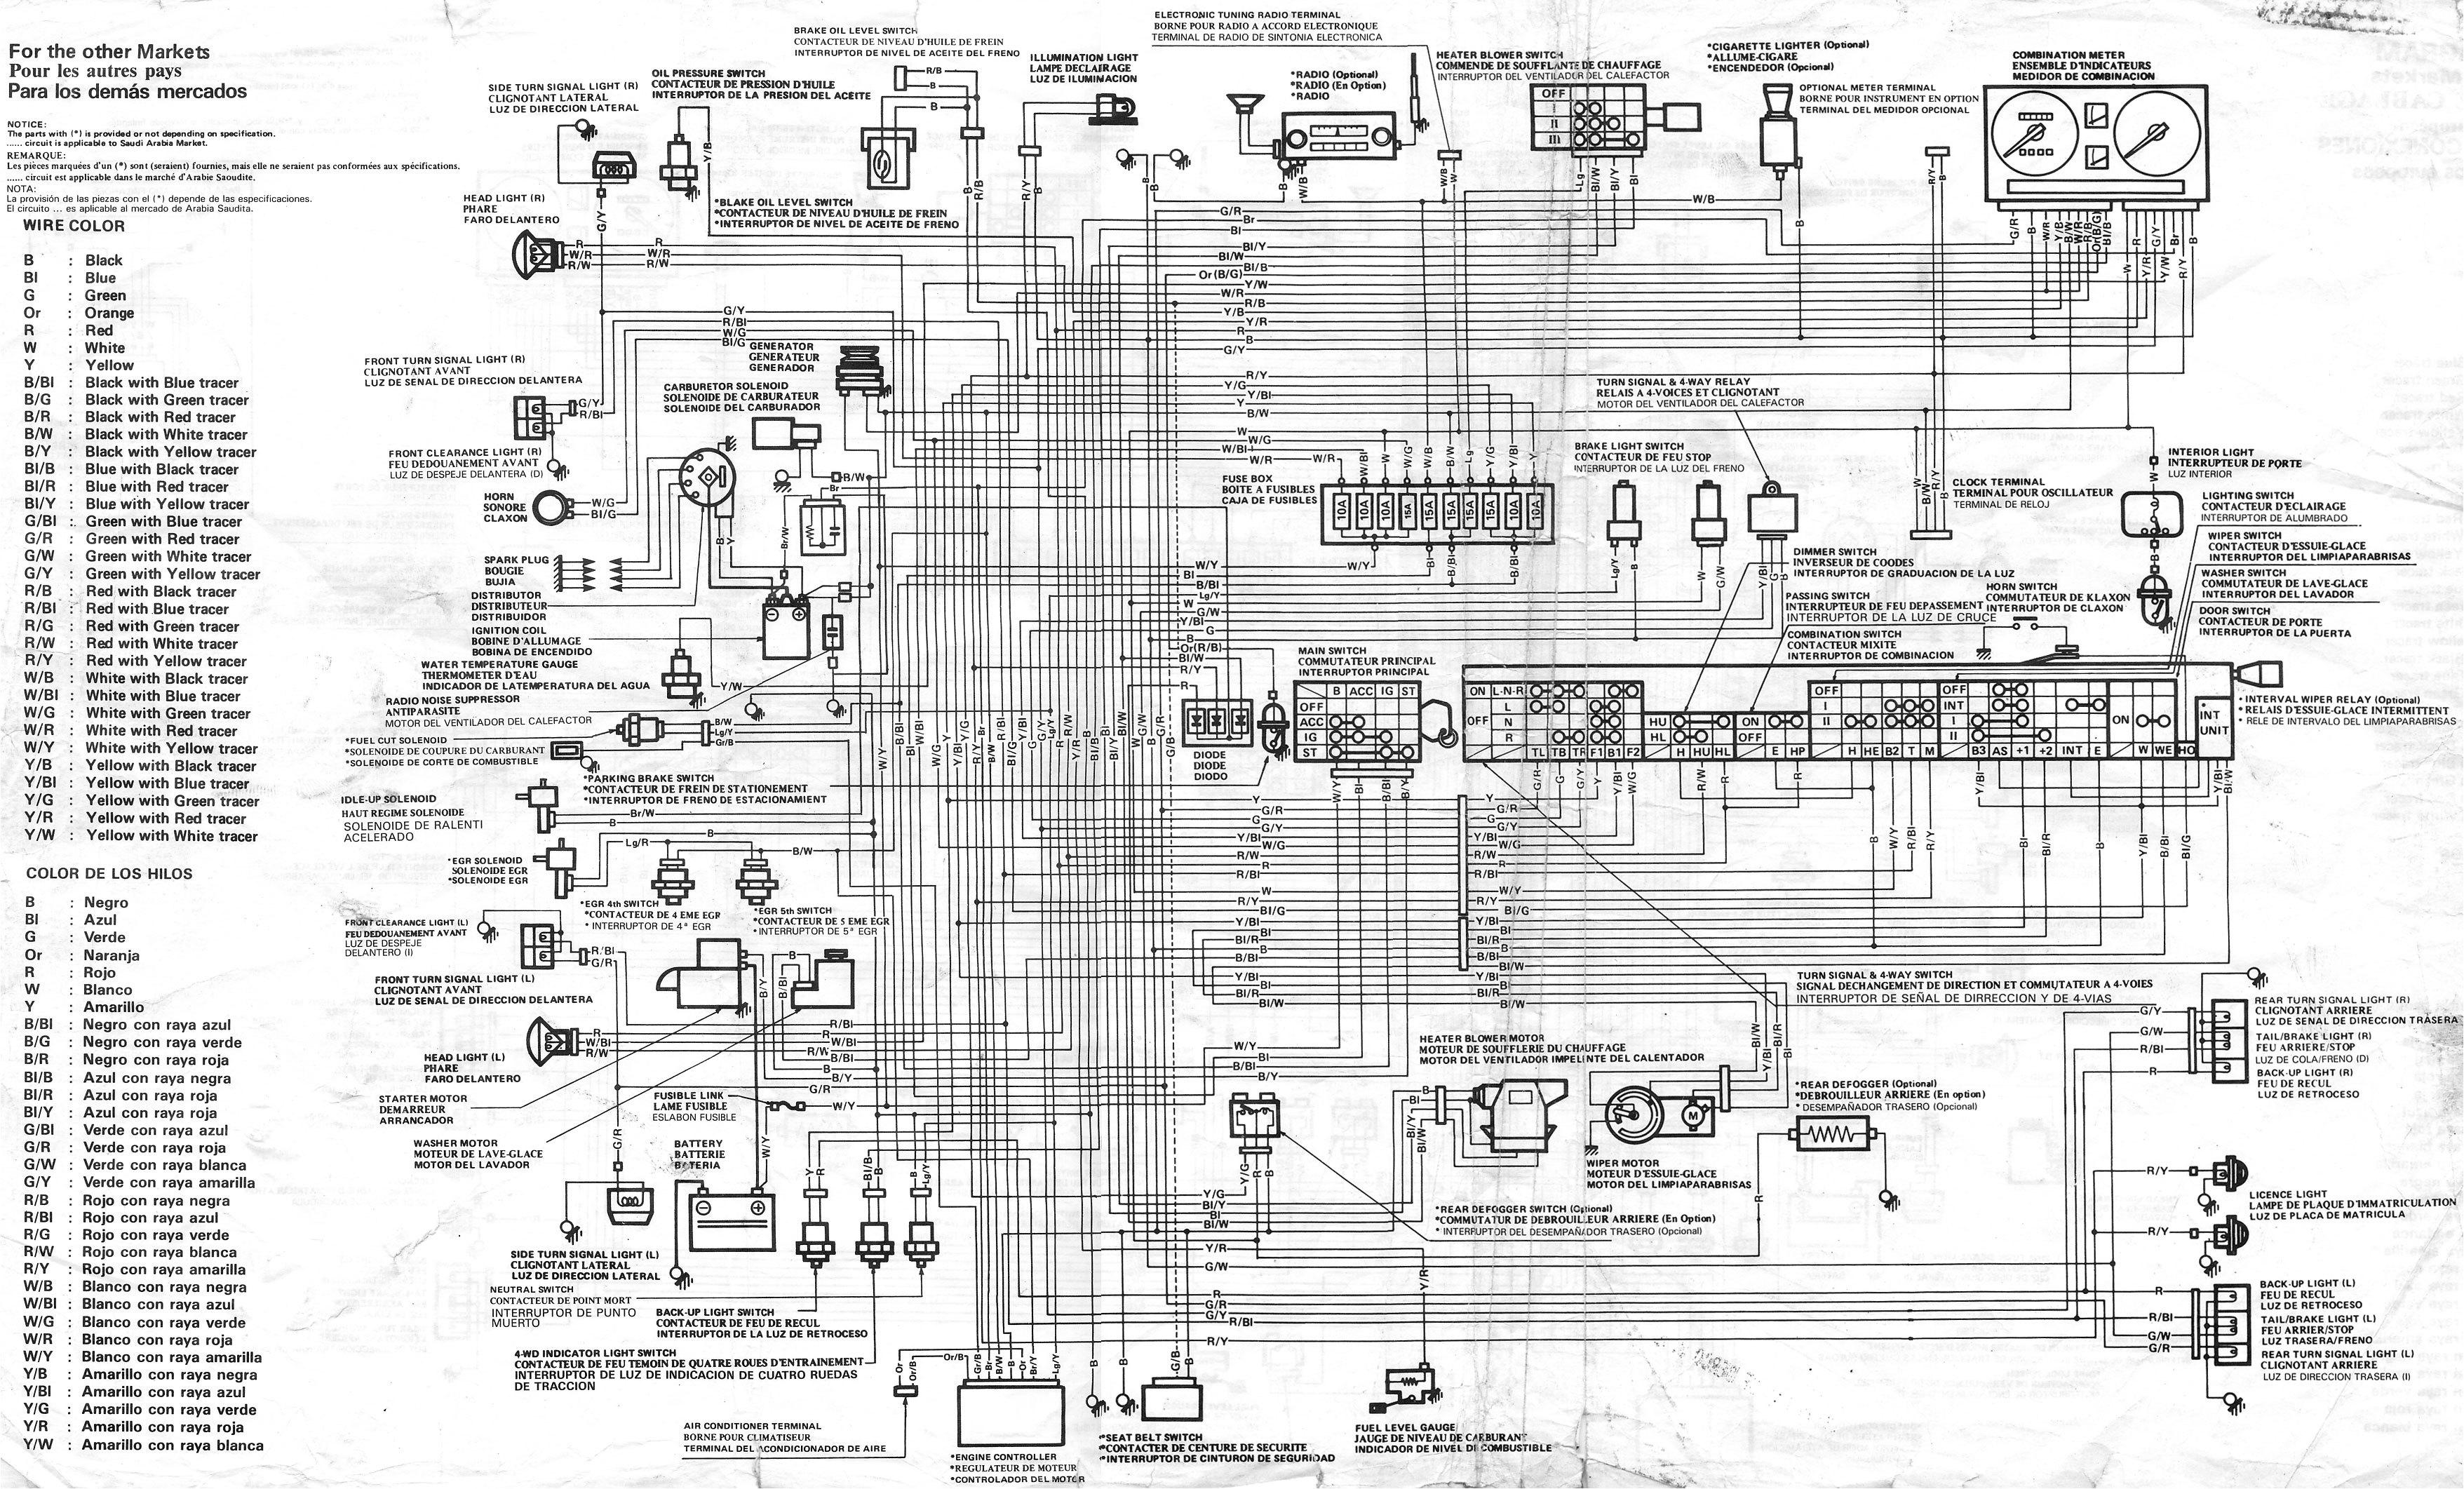 diagrama-electrico-samurai.jpg